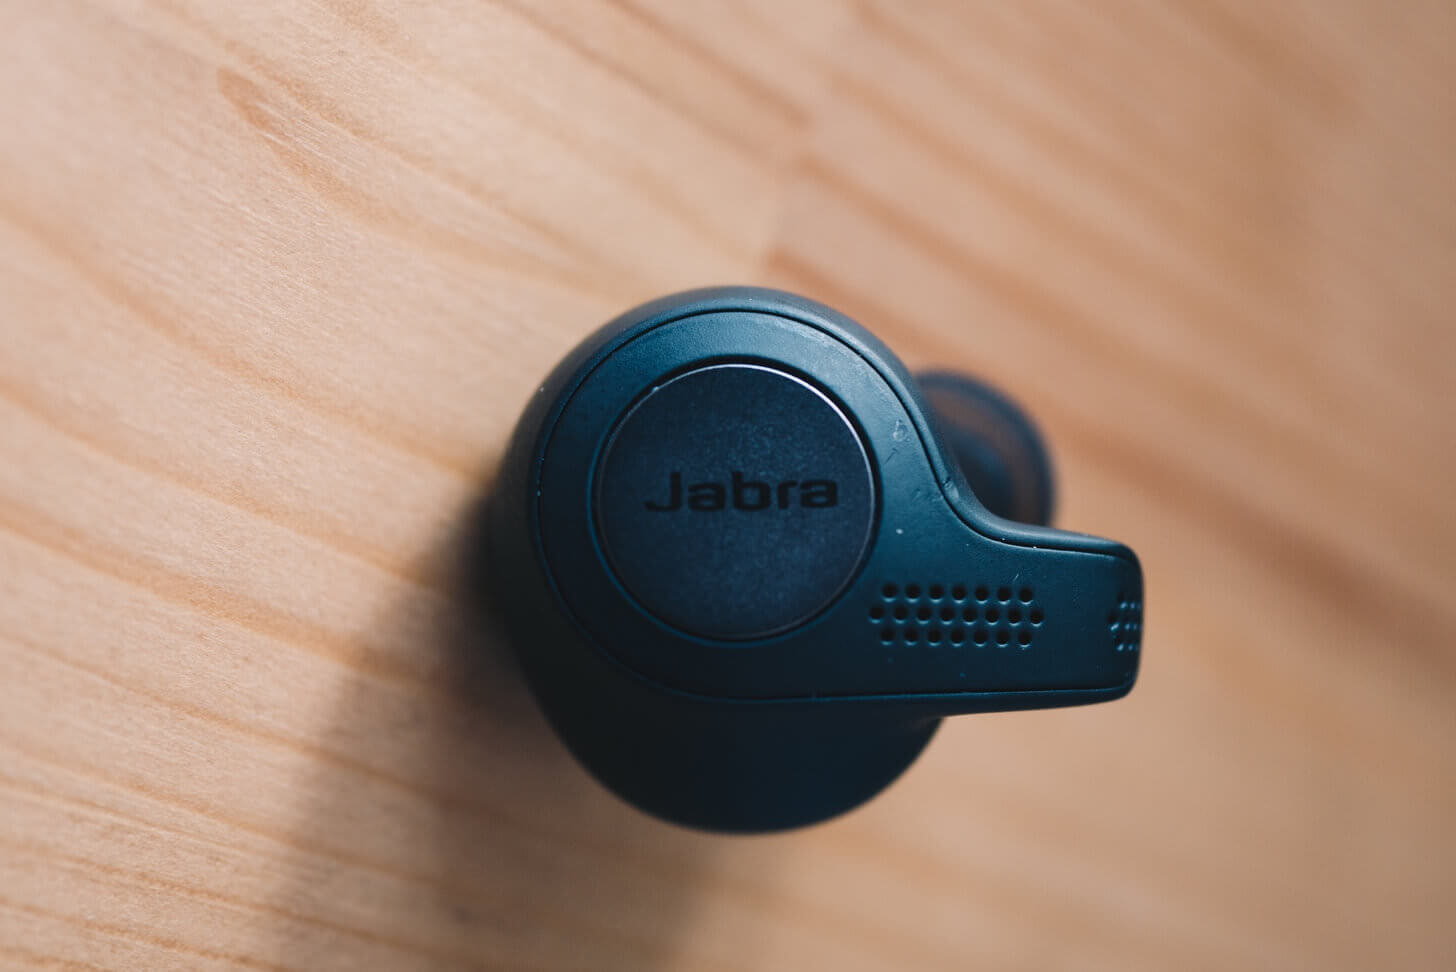 Jabra wireless earphone9